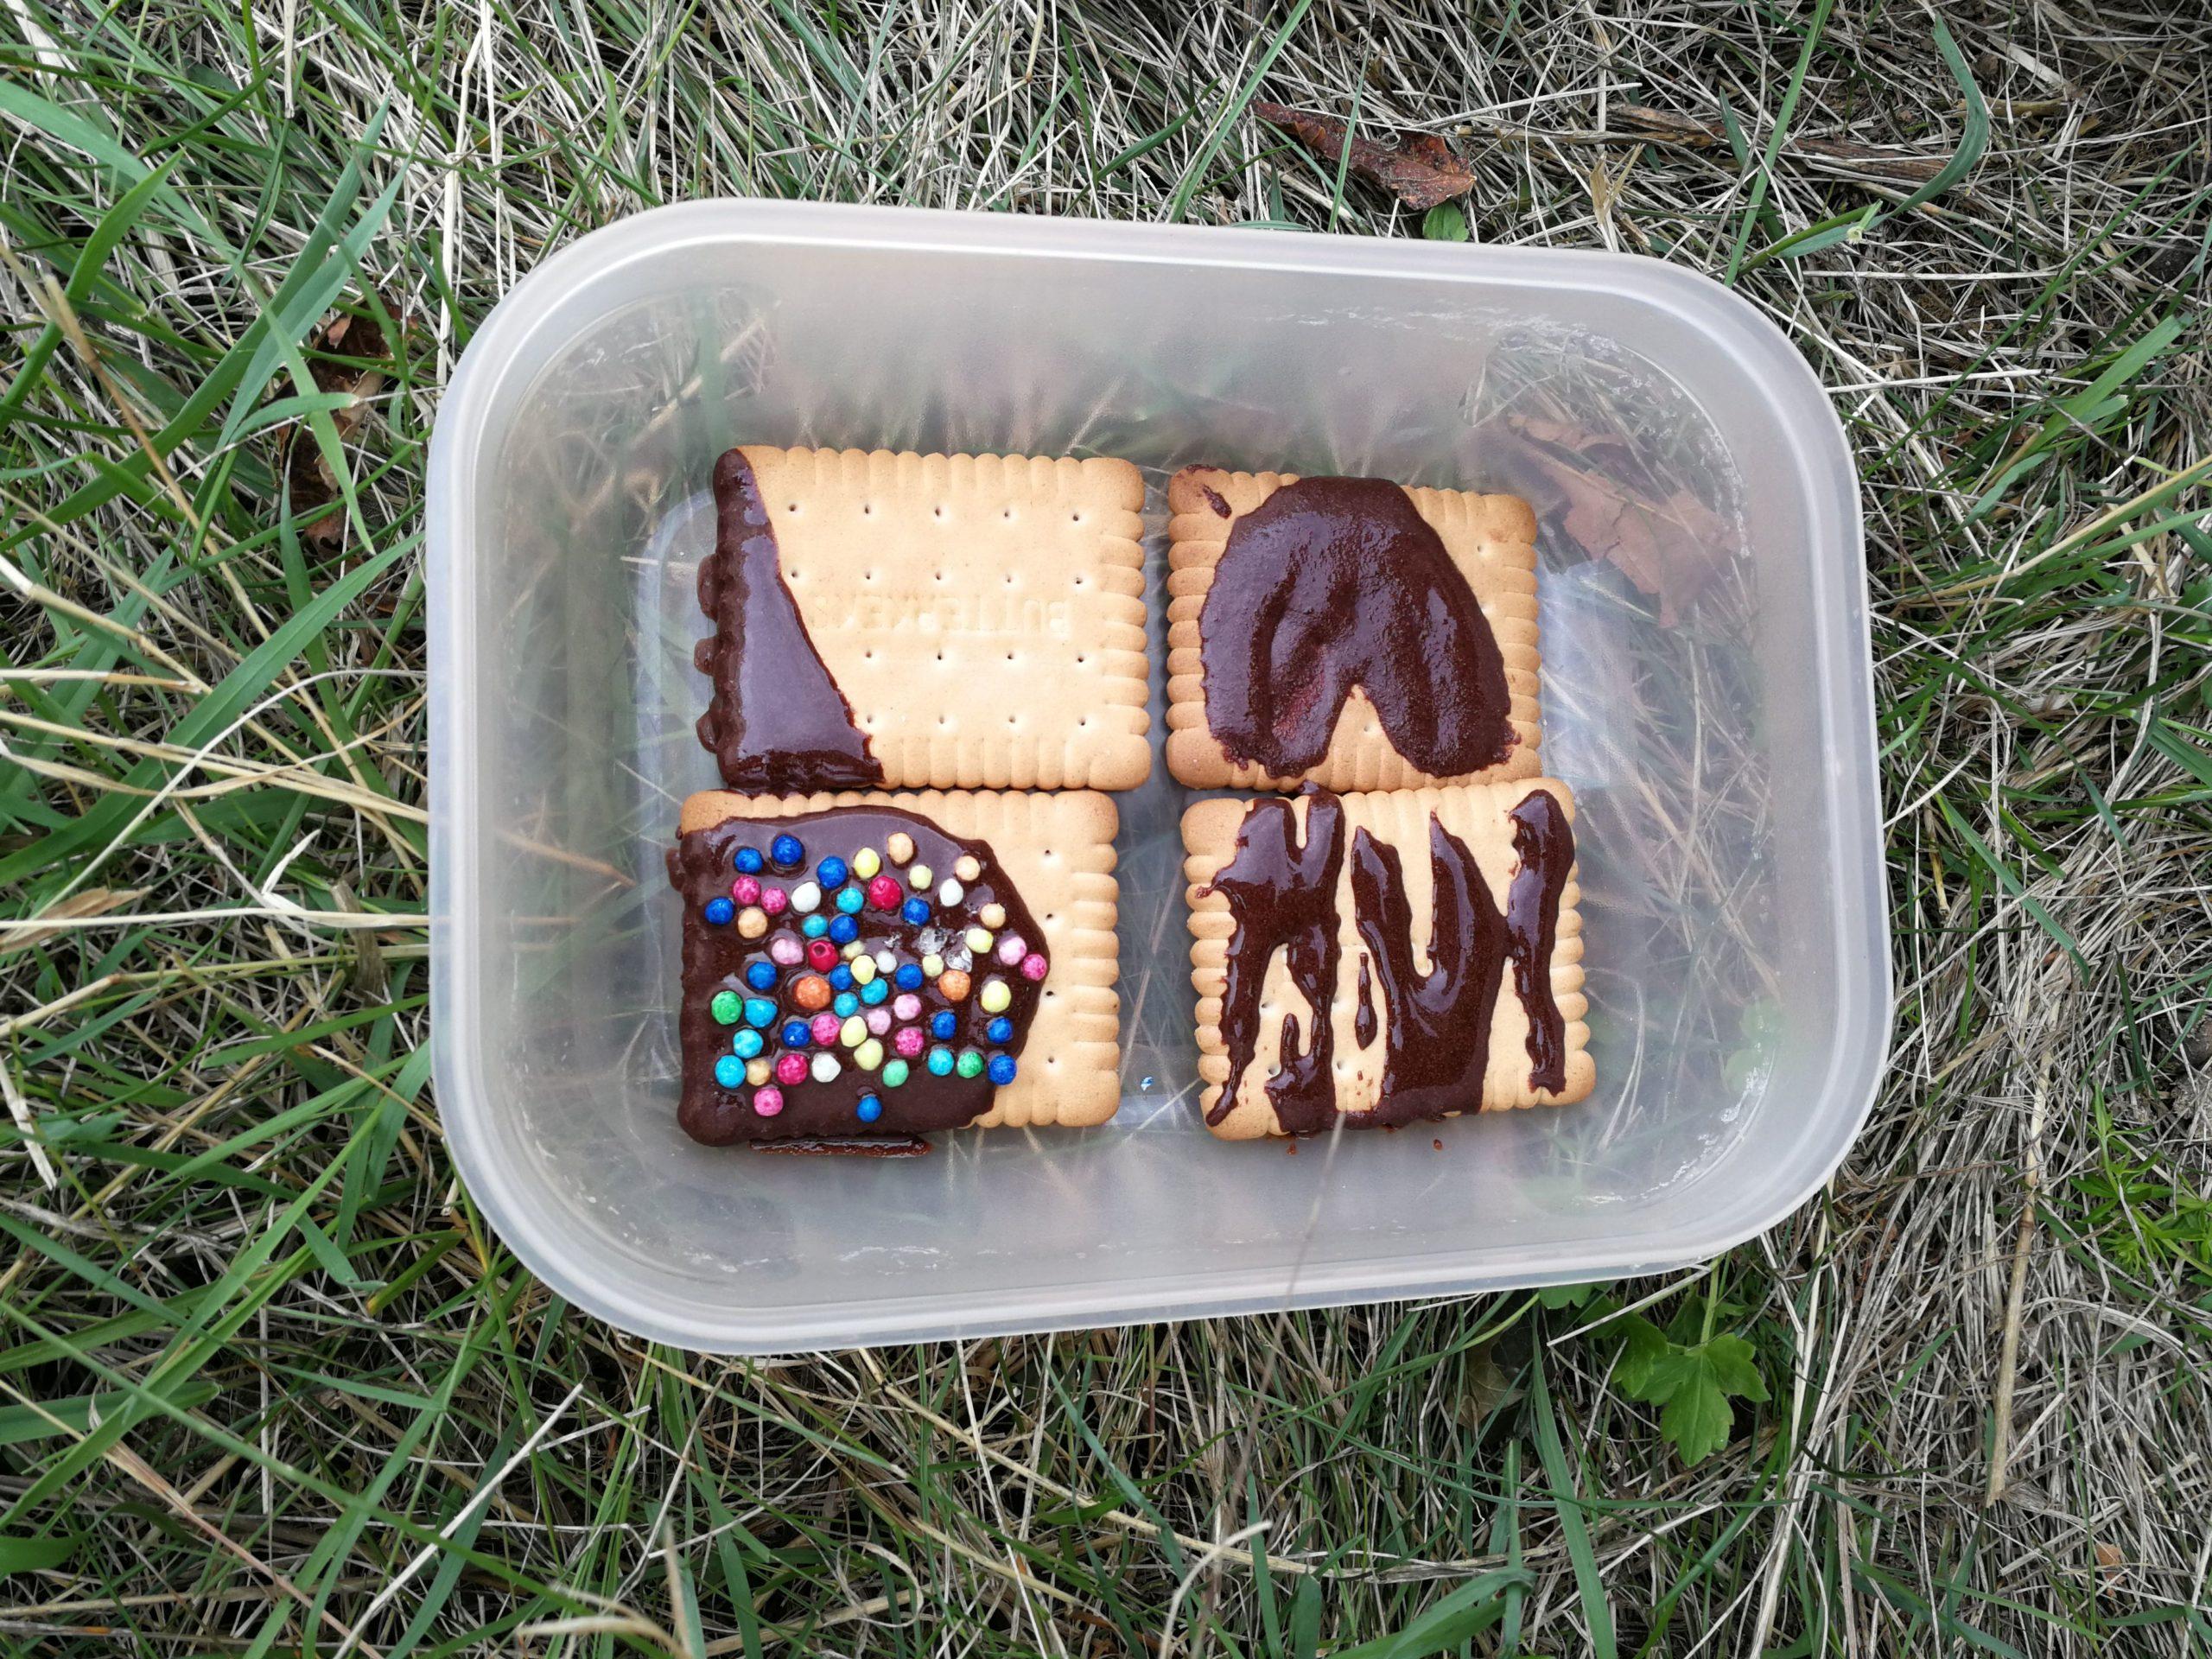 Kekse mit Schokolade in einer Dose